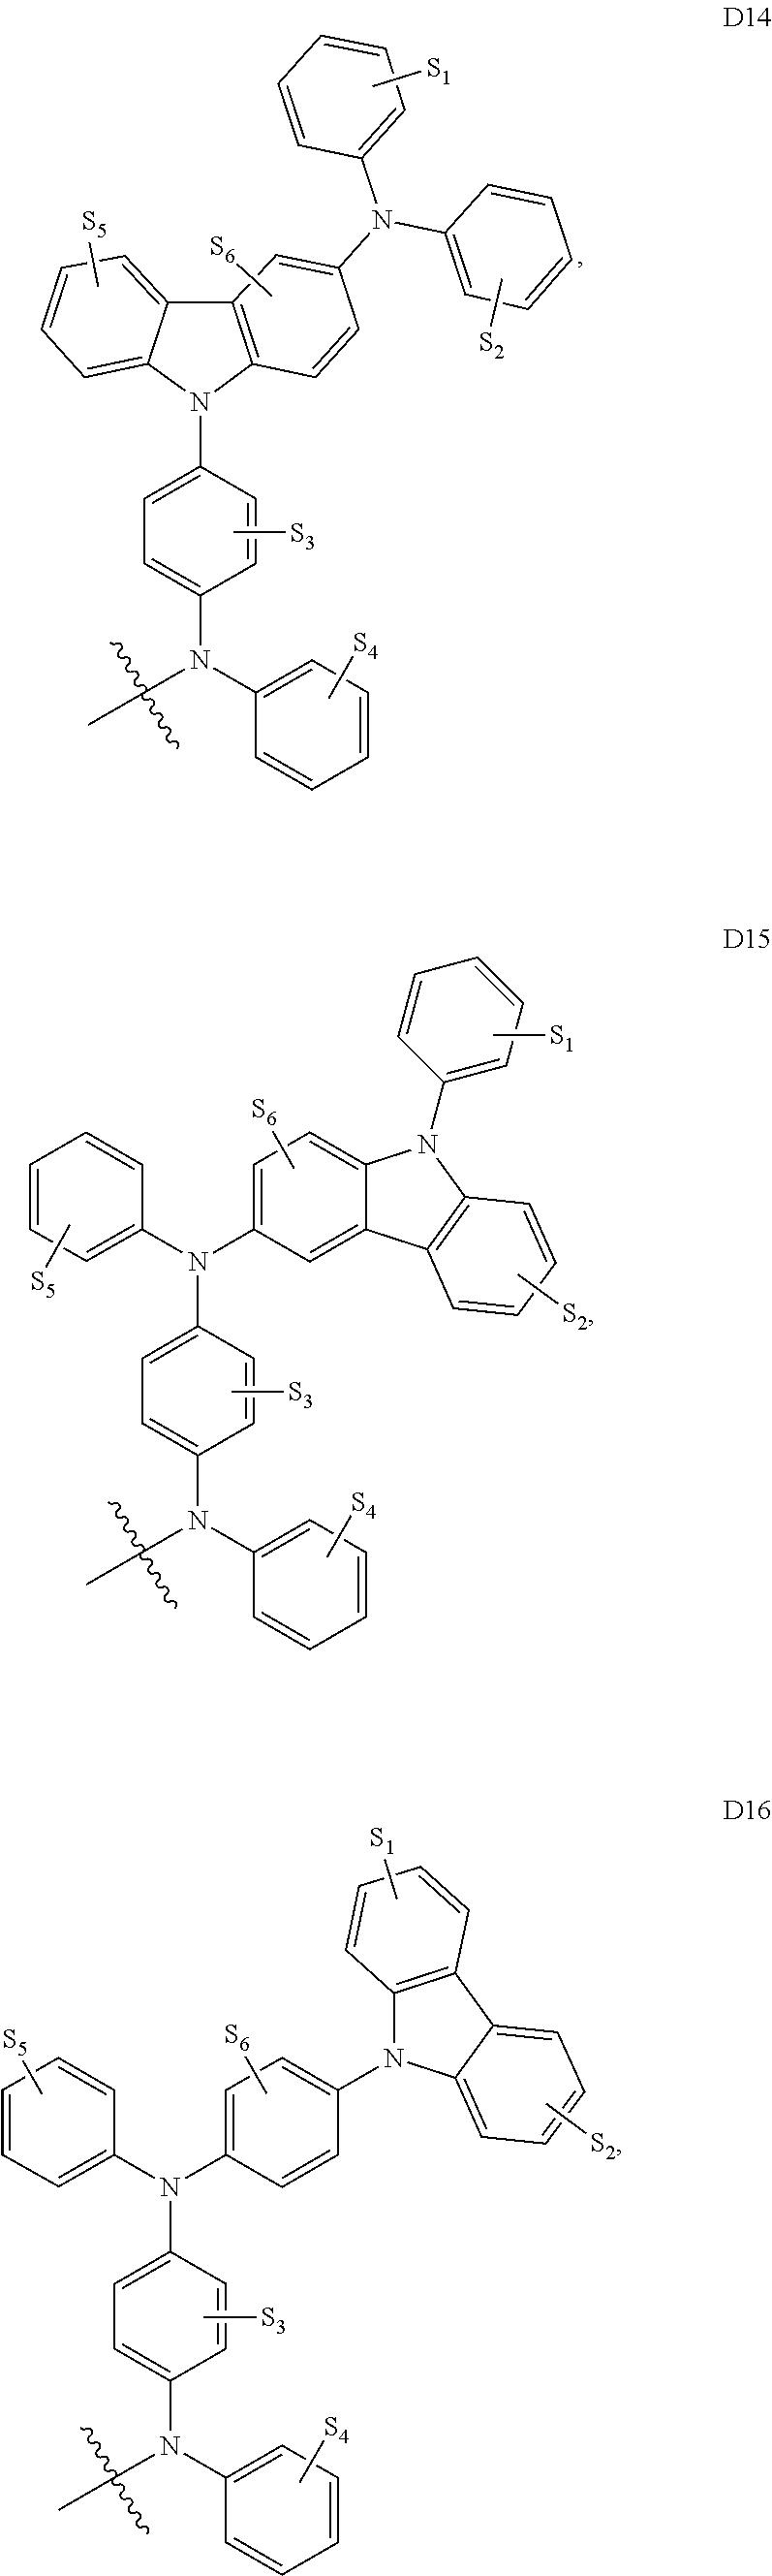 Figure US09324949-20160426-C00318